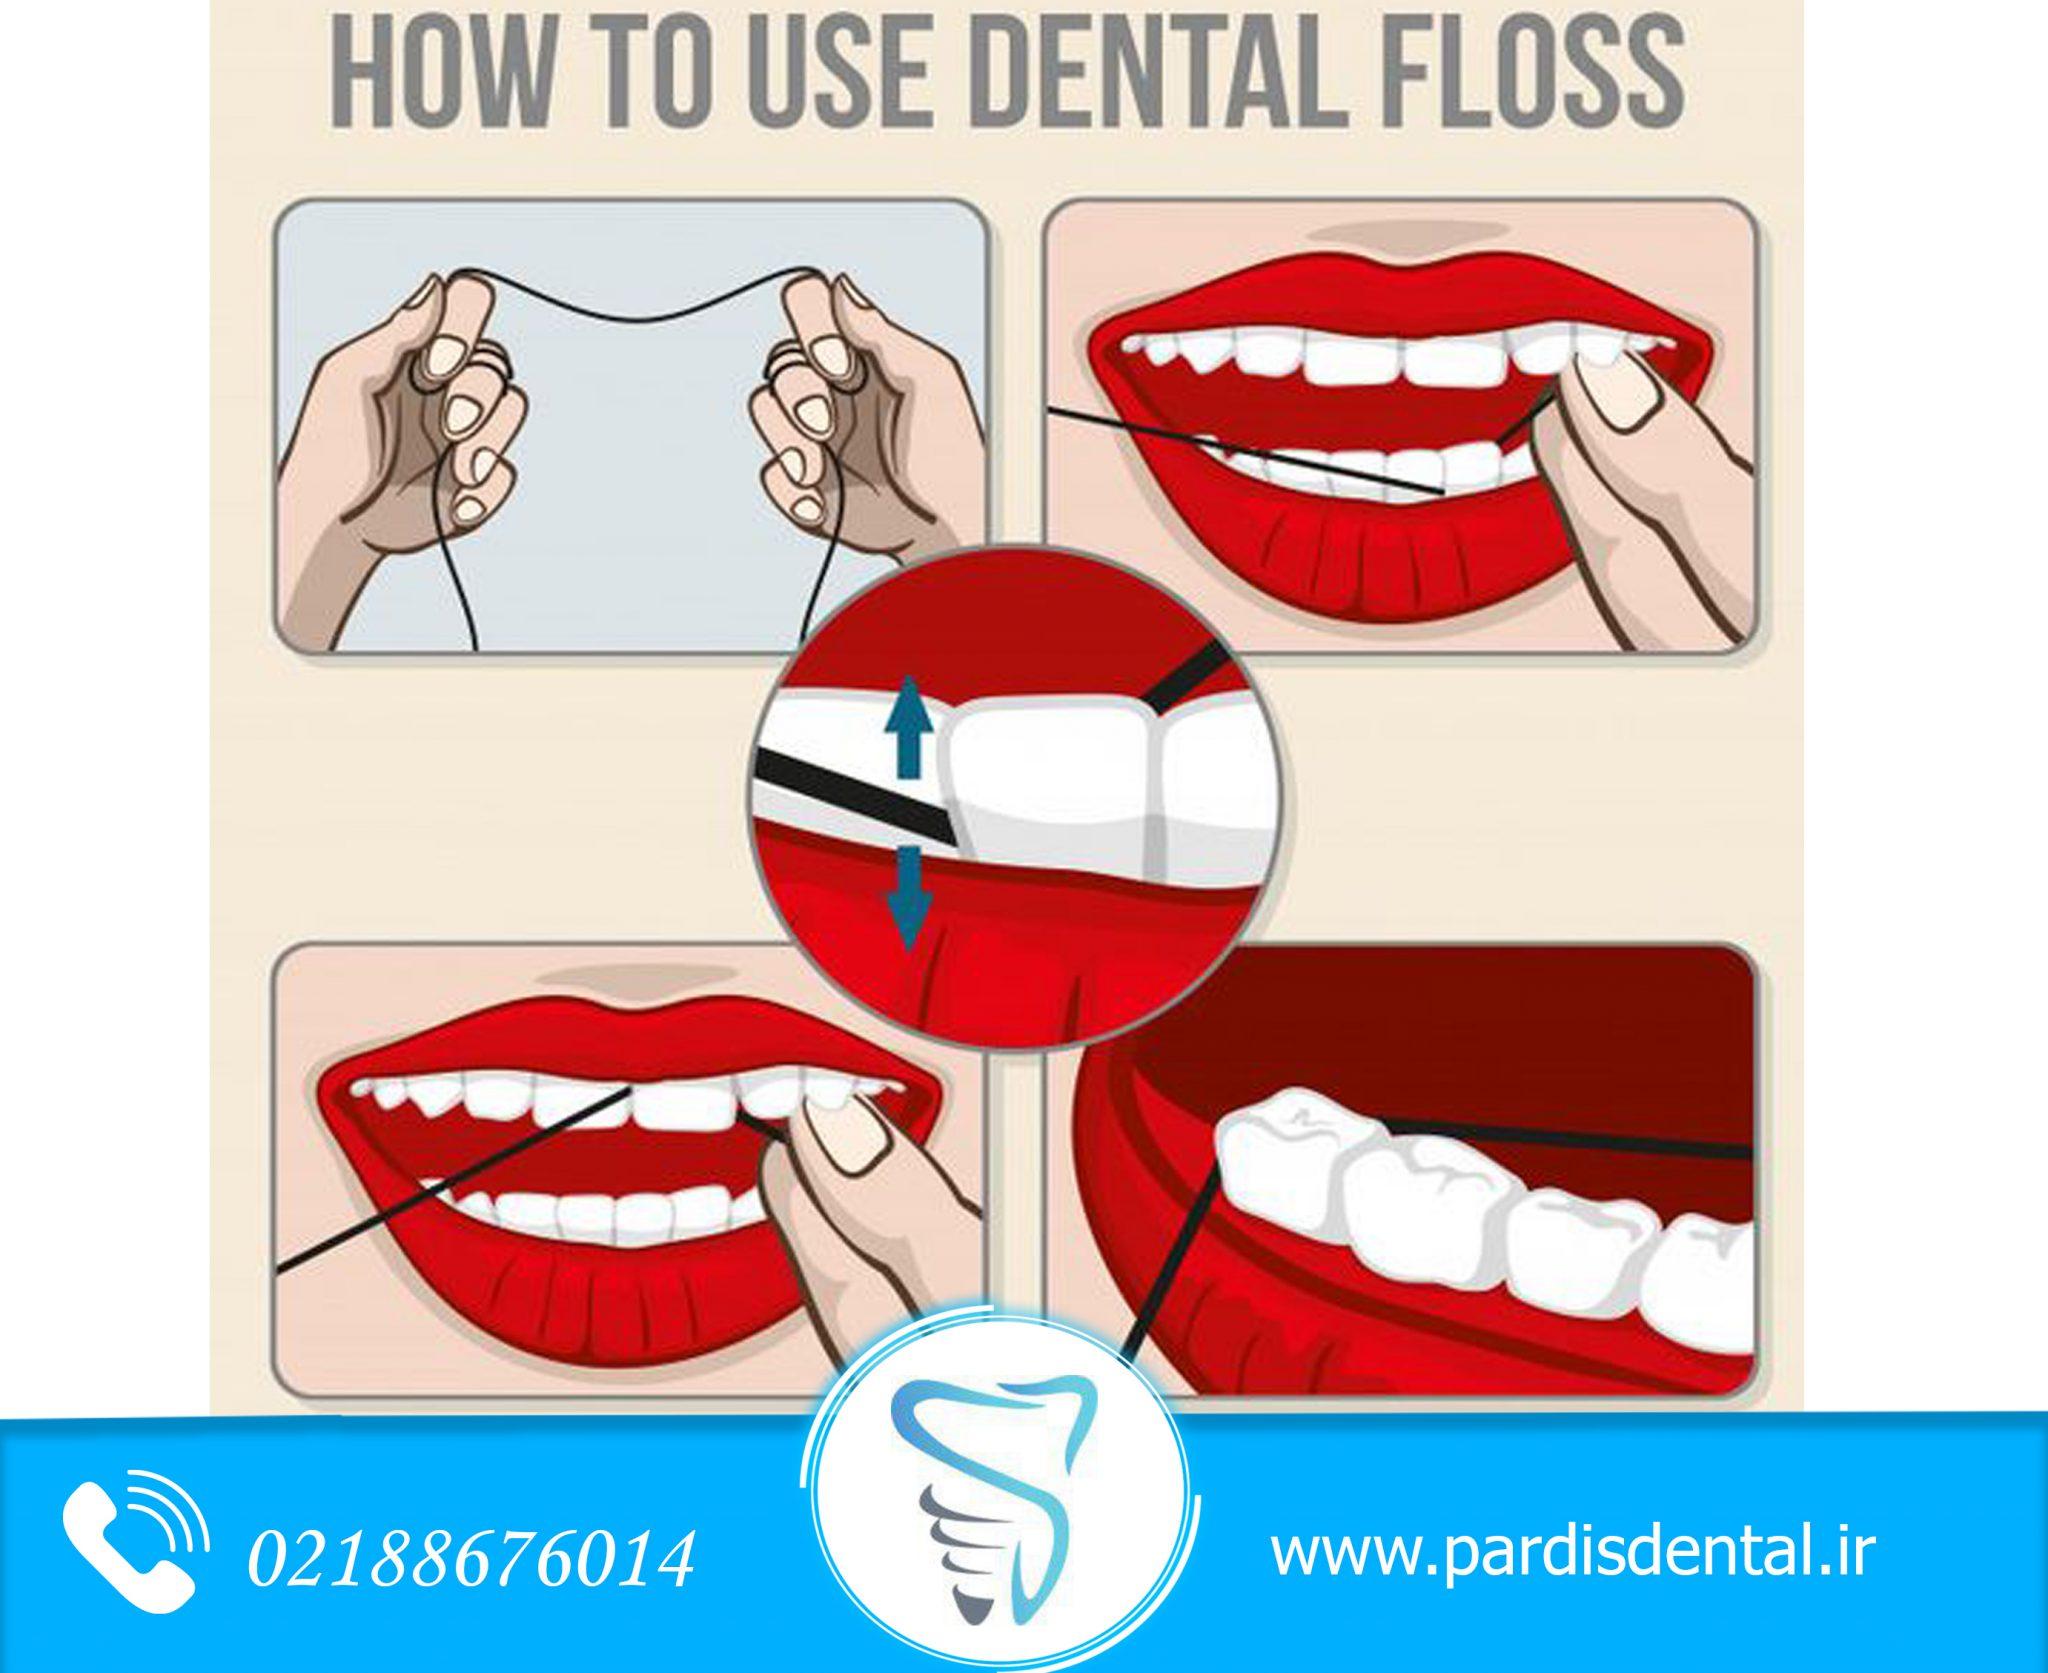 مراحل نخ دندان کشیدن